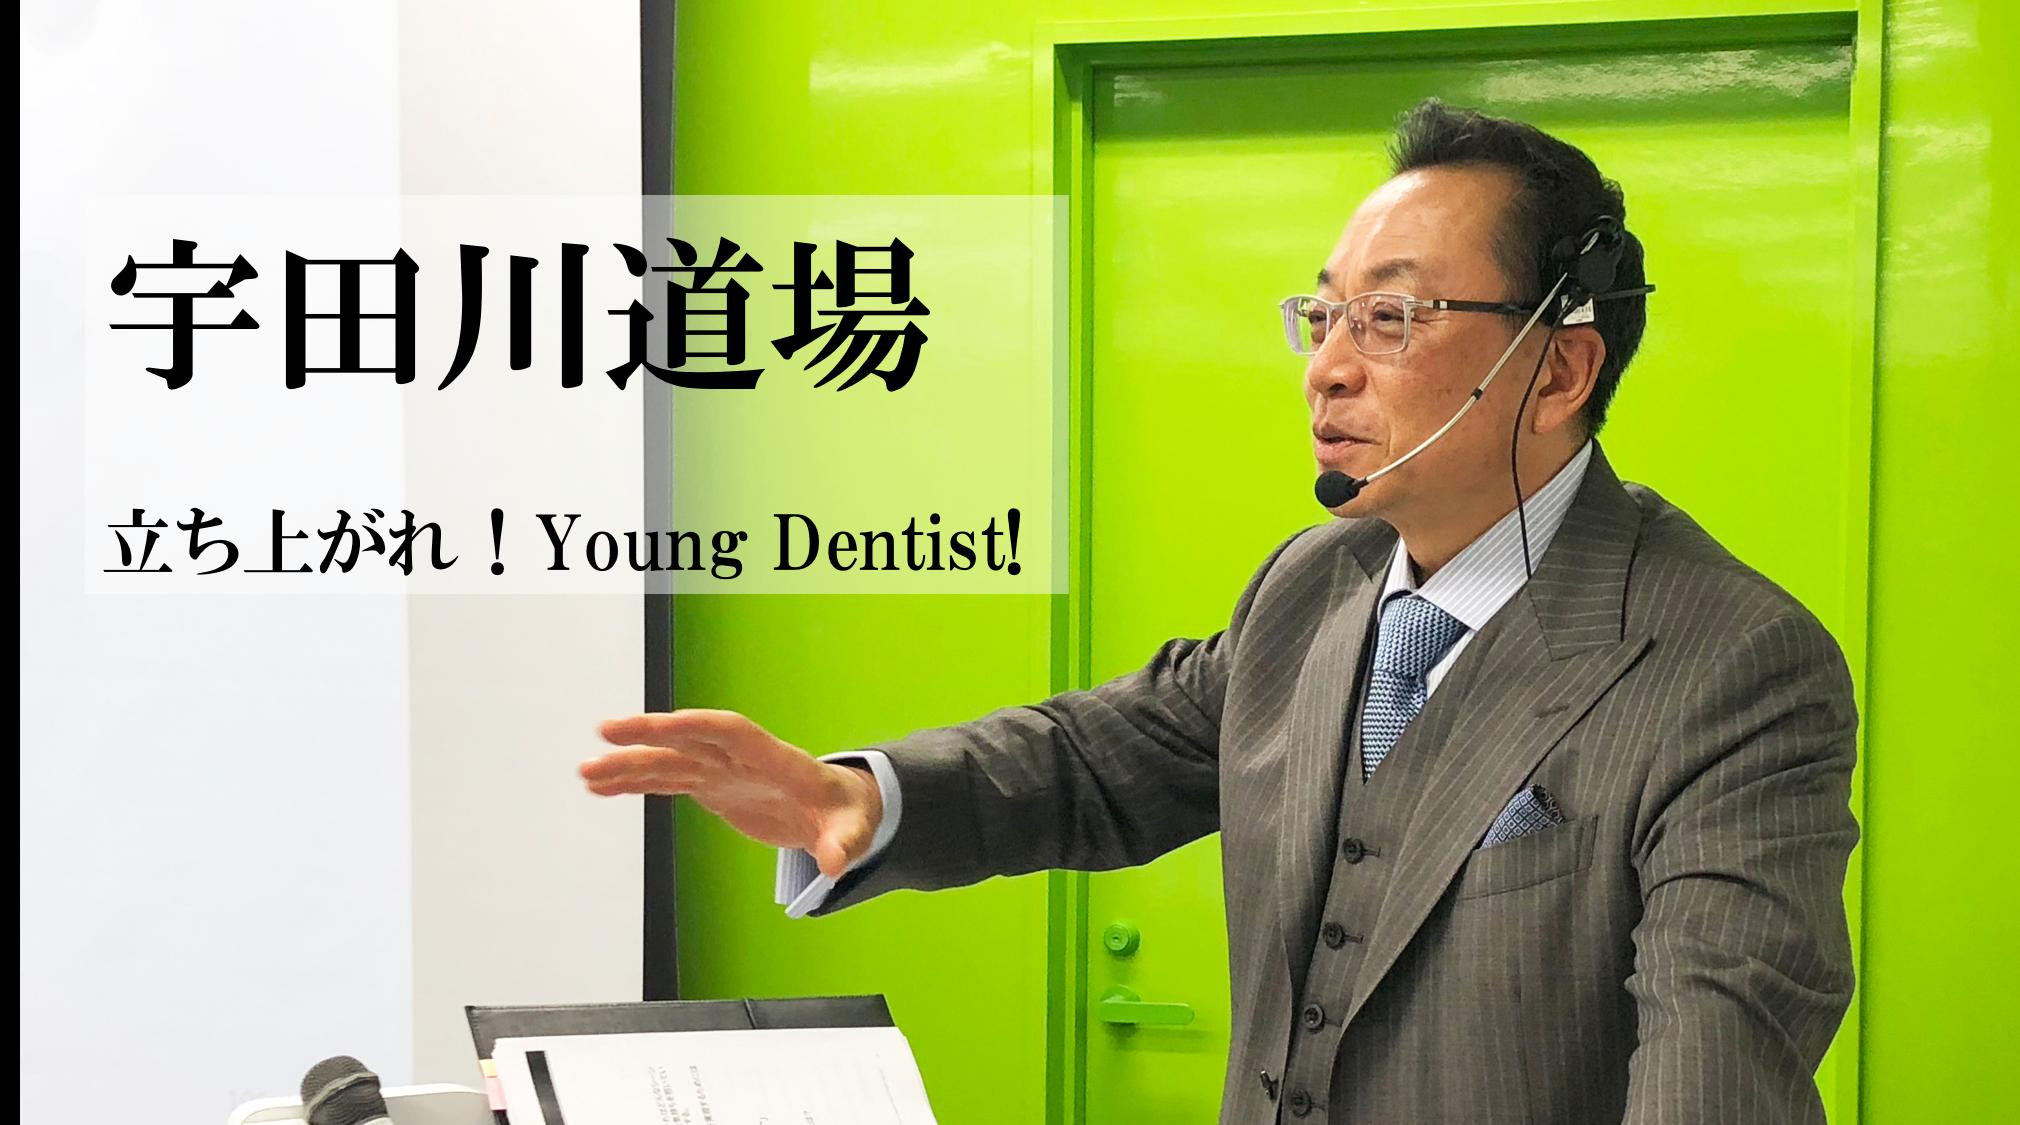 宇田川道場 ー歯科医療から思う未来への希望と志の育成ーの画像です